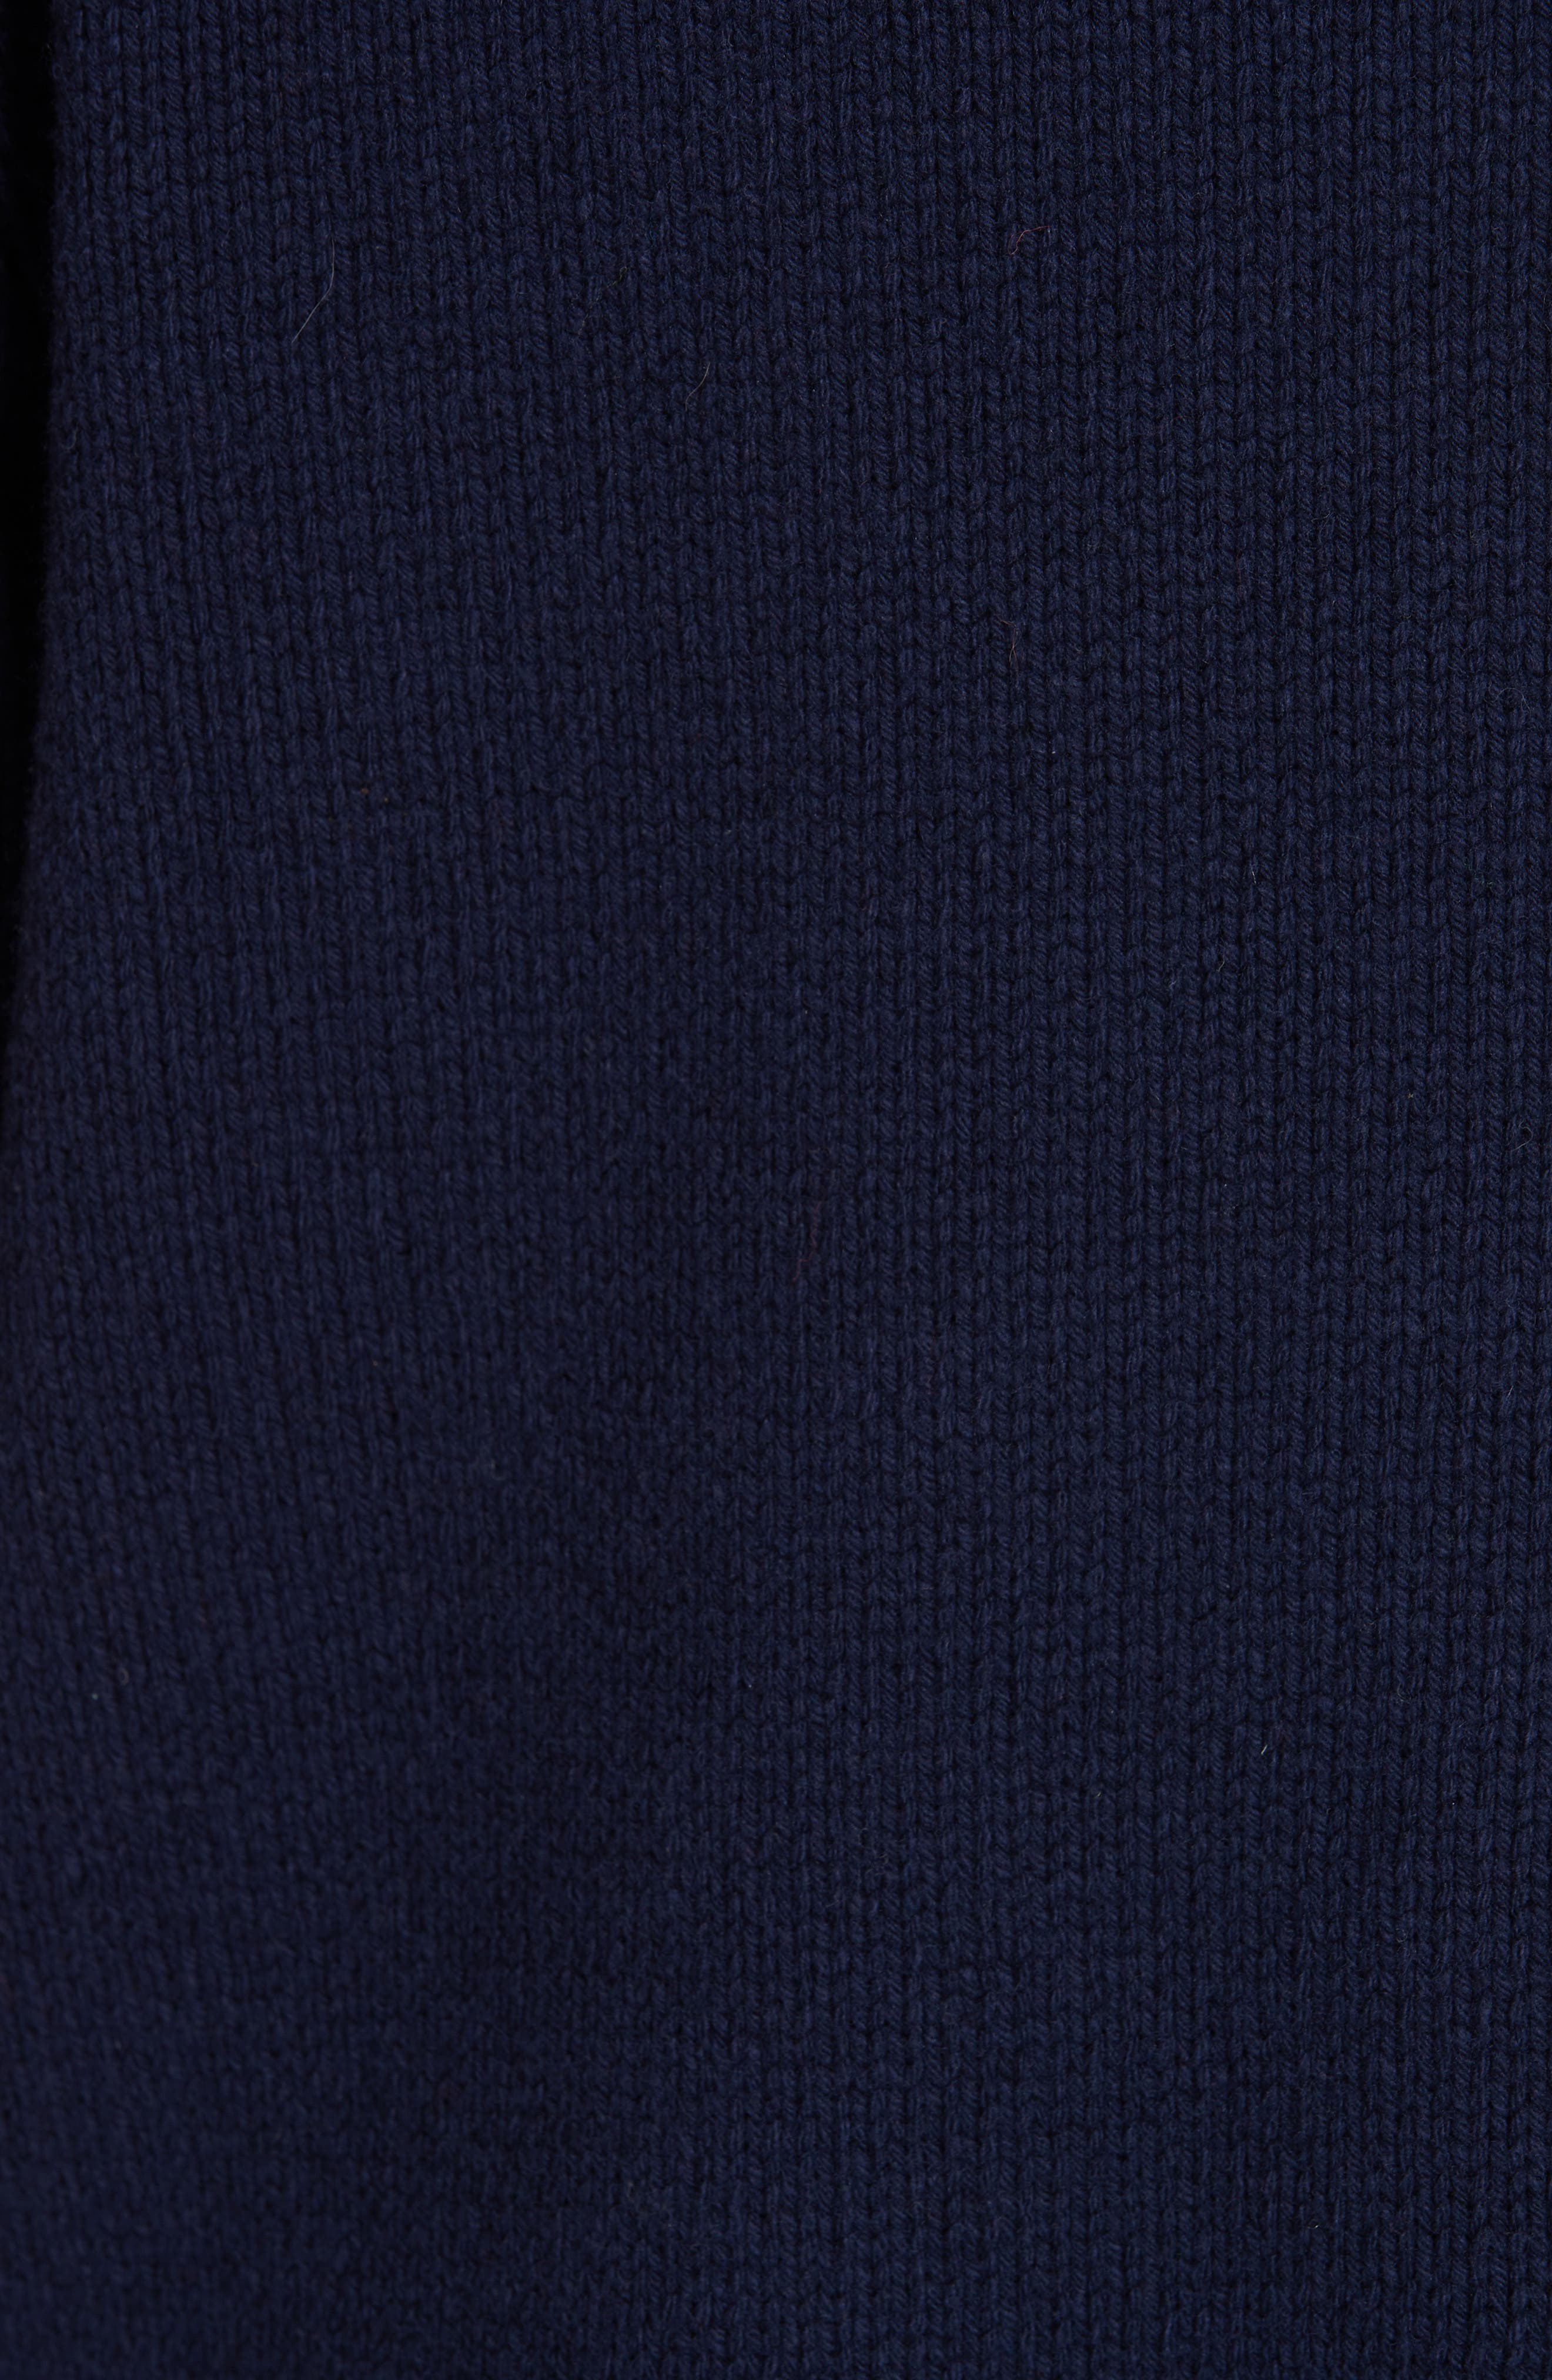 Fringe Flag Wool Sweater,                             Alternate thumbnail 5, color,                             NAVY MULTI